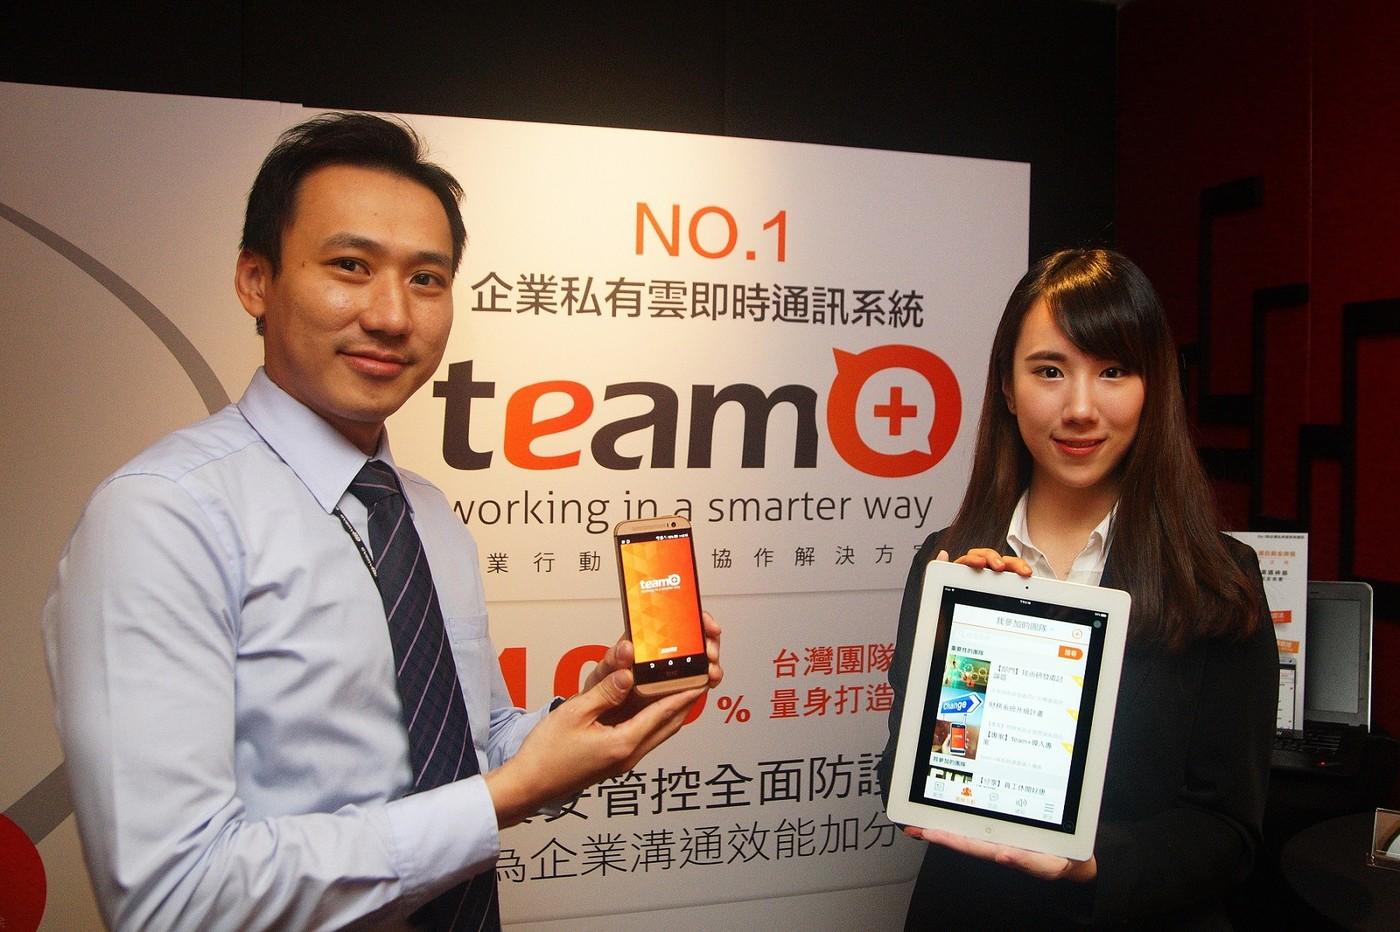 服務逾4,000家企業!互動資通靠通訊軟體team+打天下,下一步前進中國